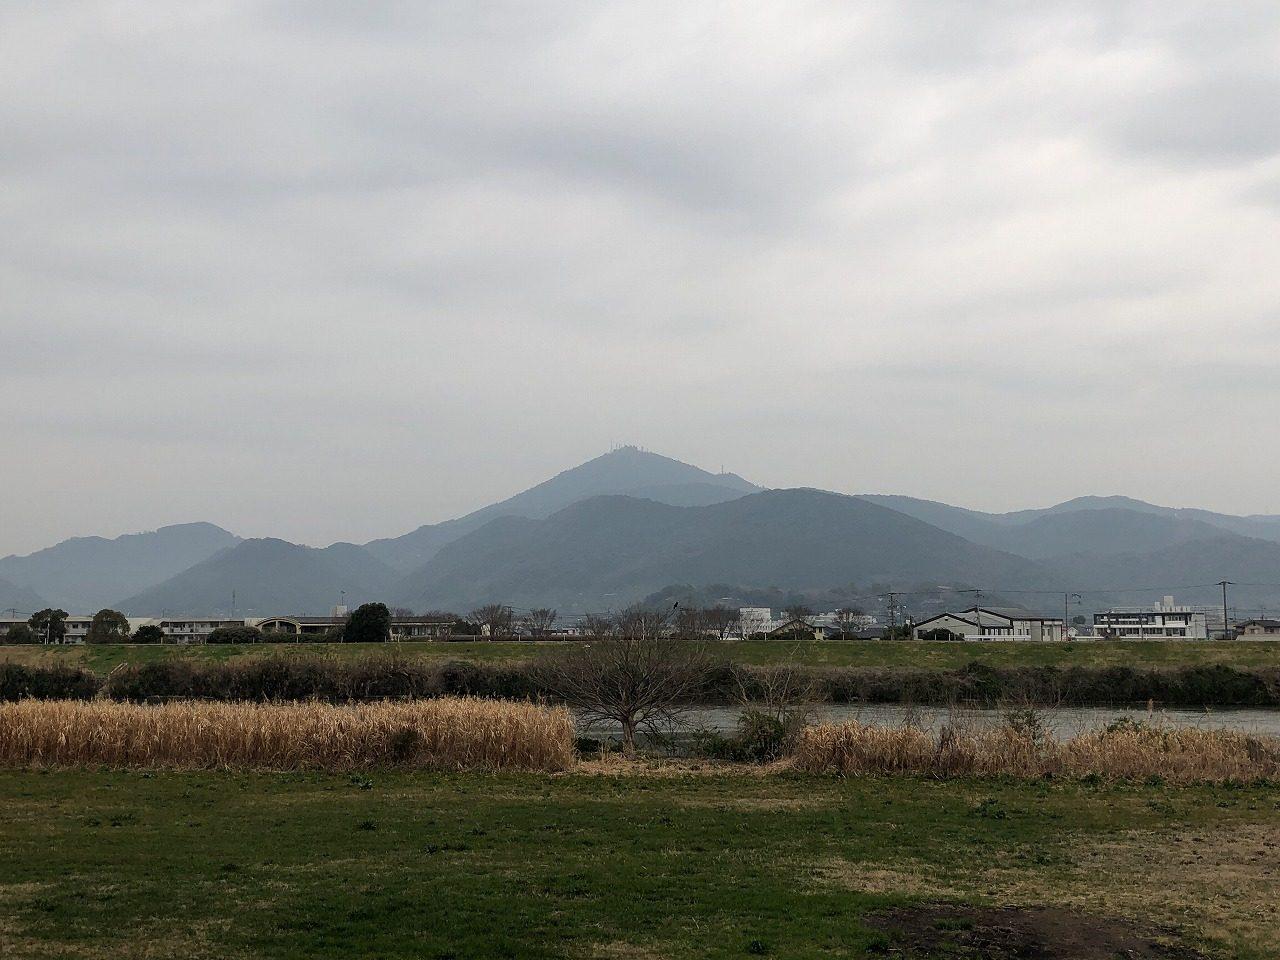 2019.2.27今朝の金峰山です